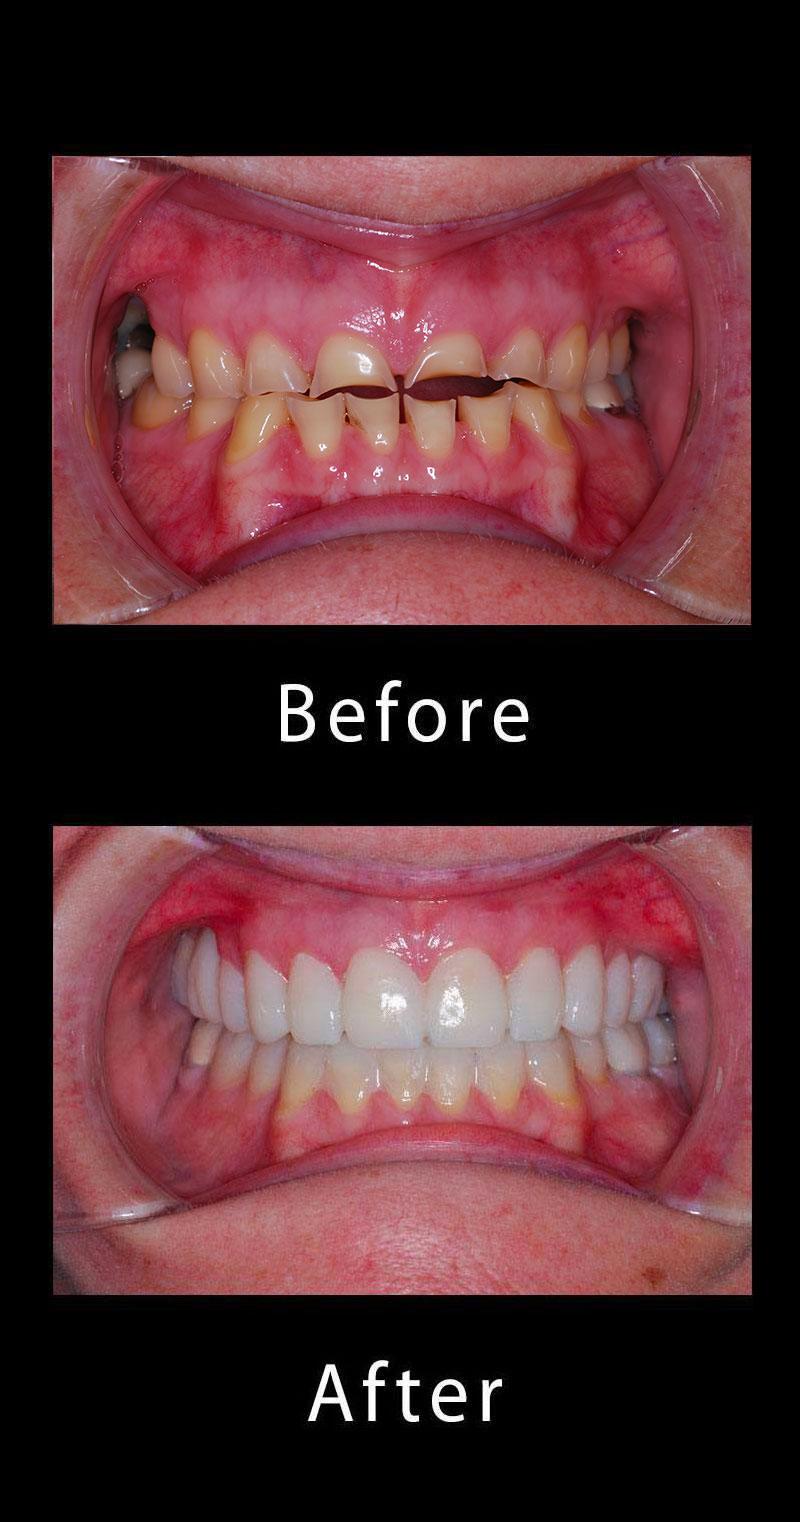 Dental Dentures Before After Image